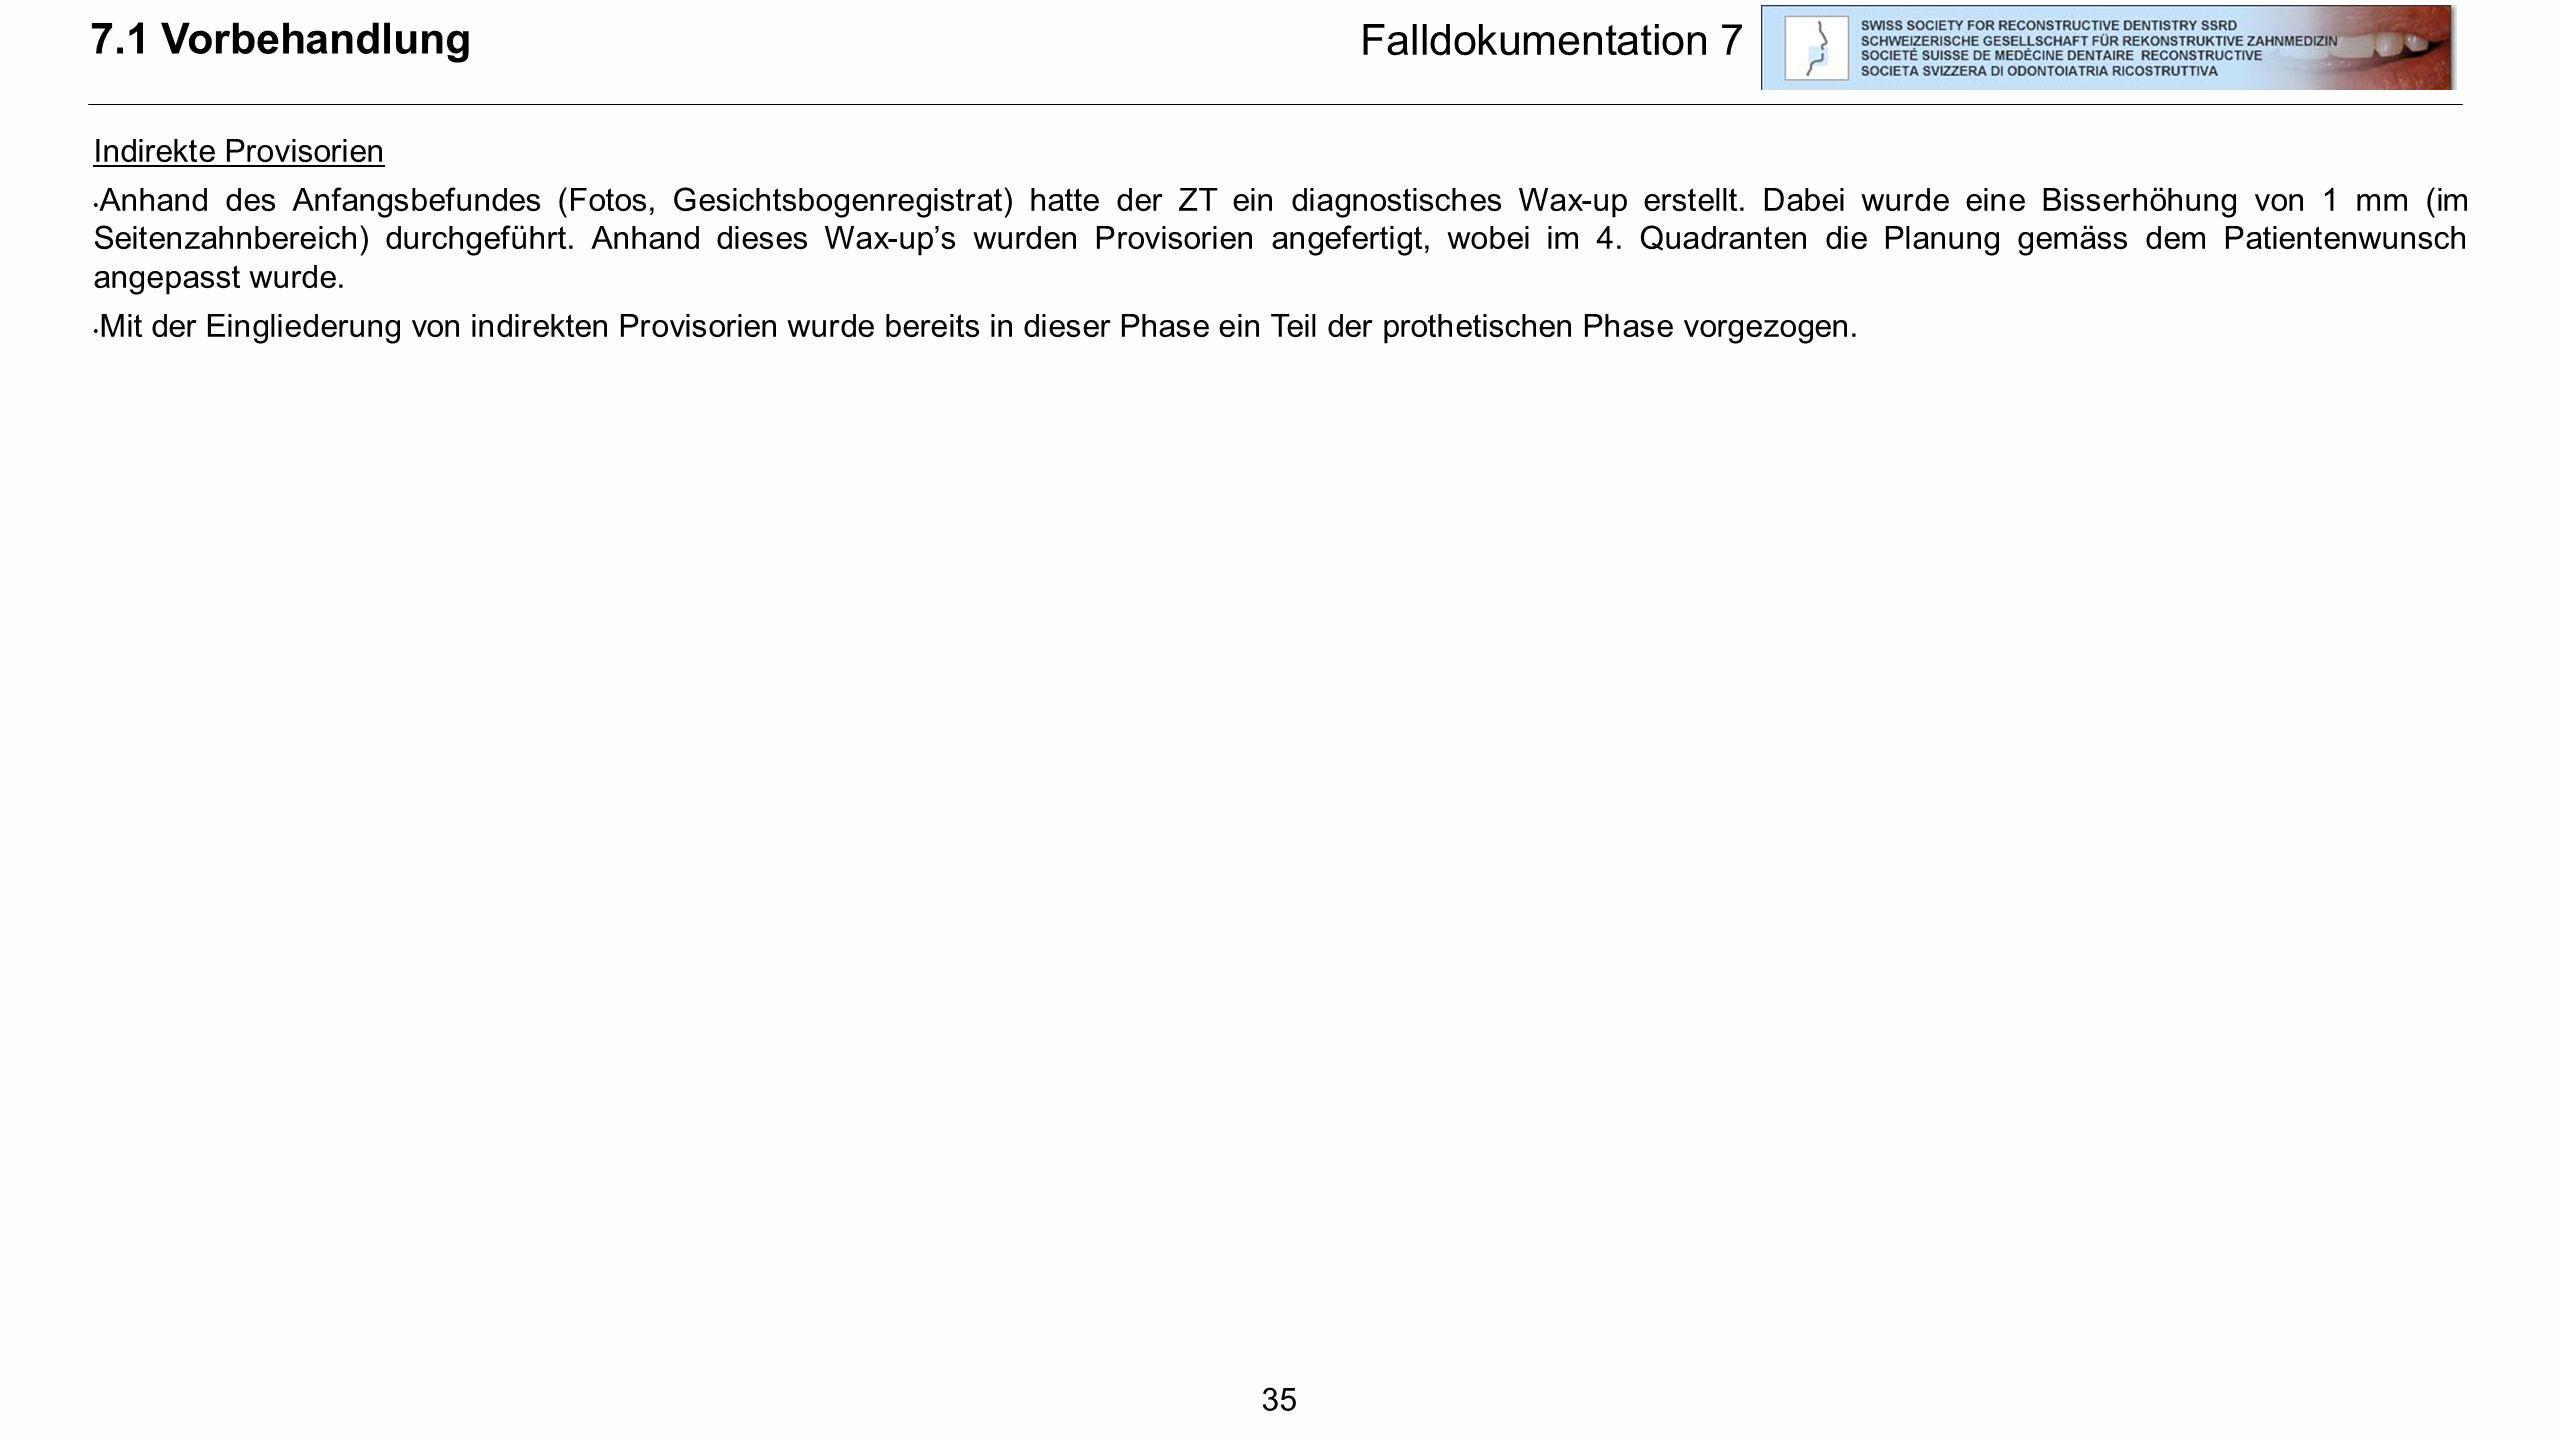 35 7.1 Vorbehandlung Falldokumentation 7 Indirekte Provisorien Anhand des Anfangsbefundes (Fotos, Gesichtsbogenregistrat) hatte der ZT ein diagnostisc